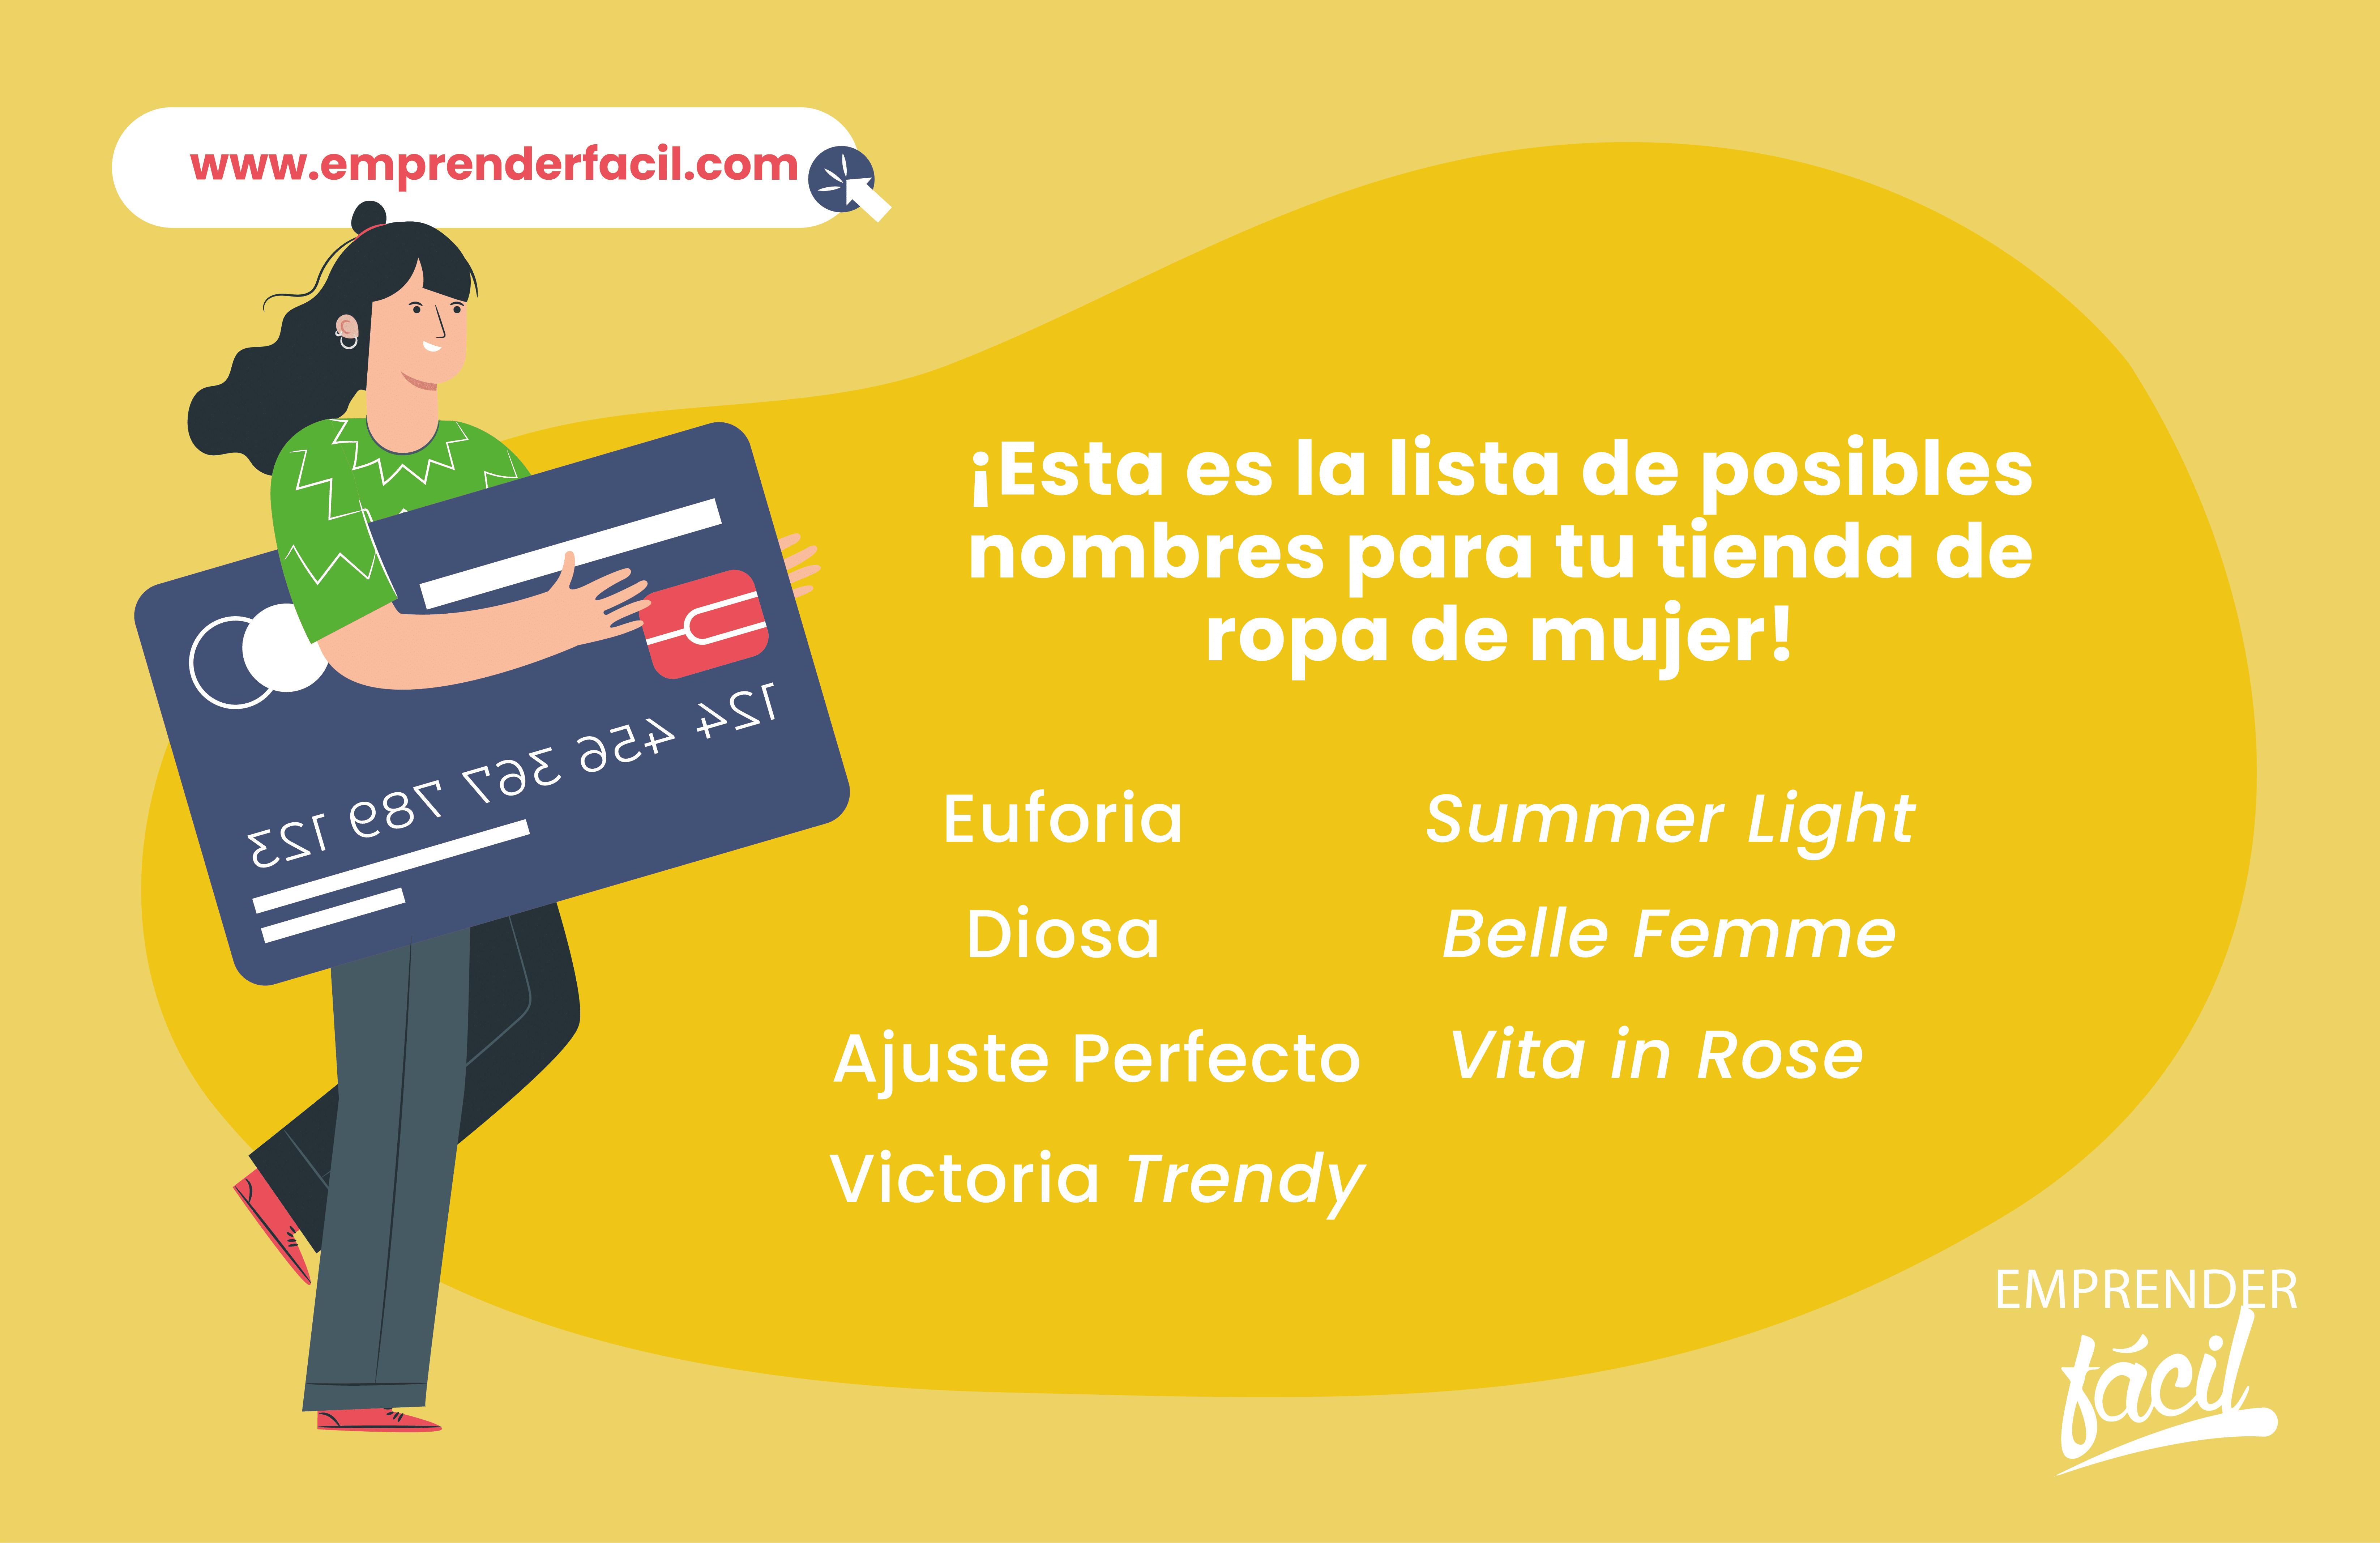 Ejemplos de nombres para tienda de ropa de mujer.